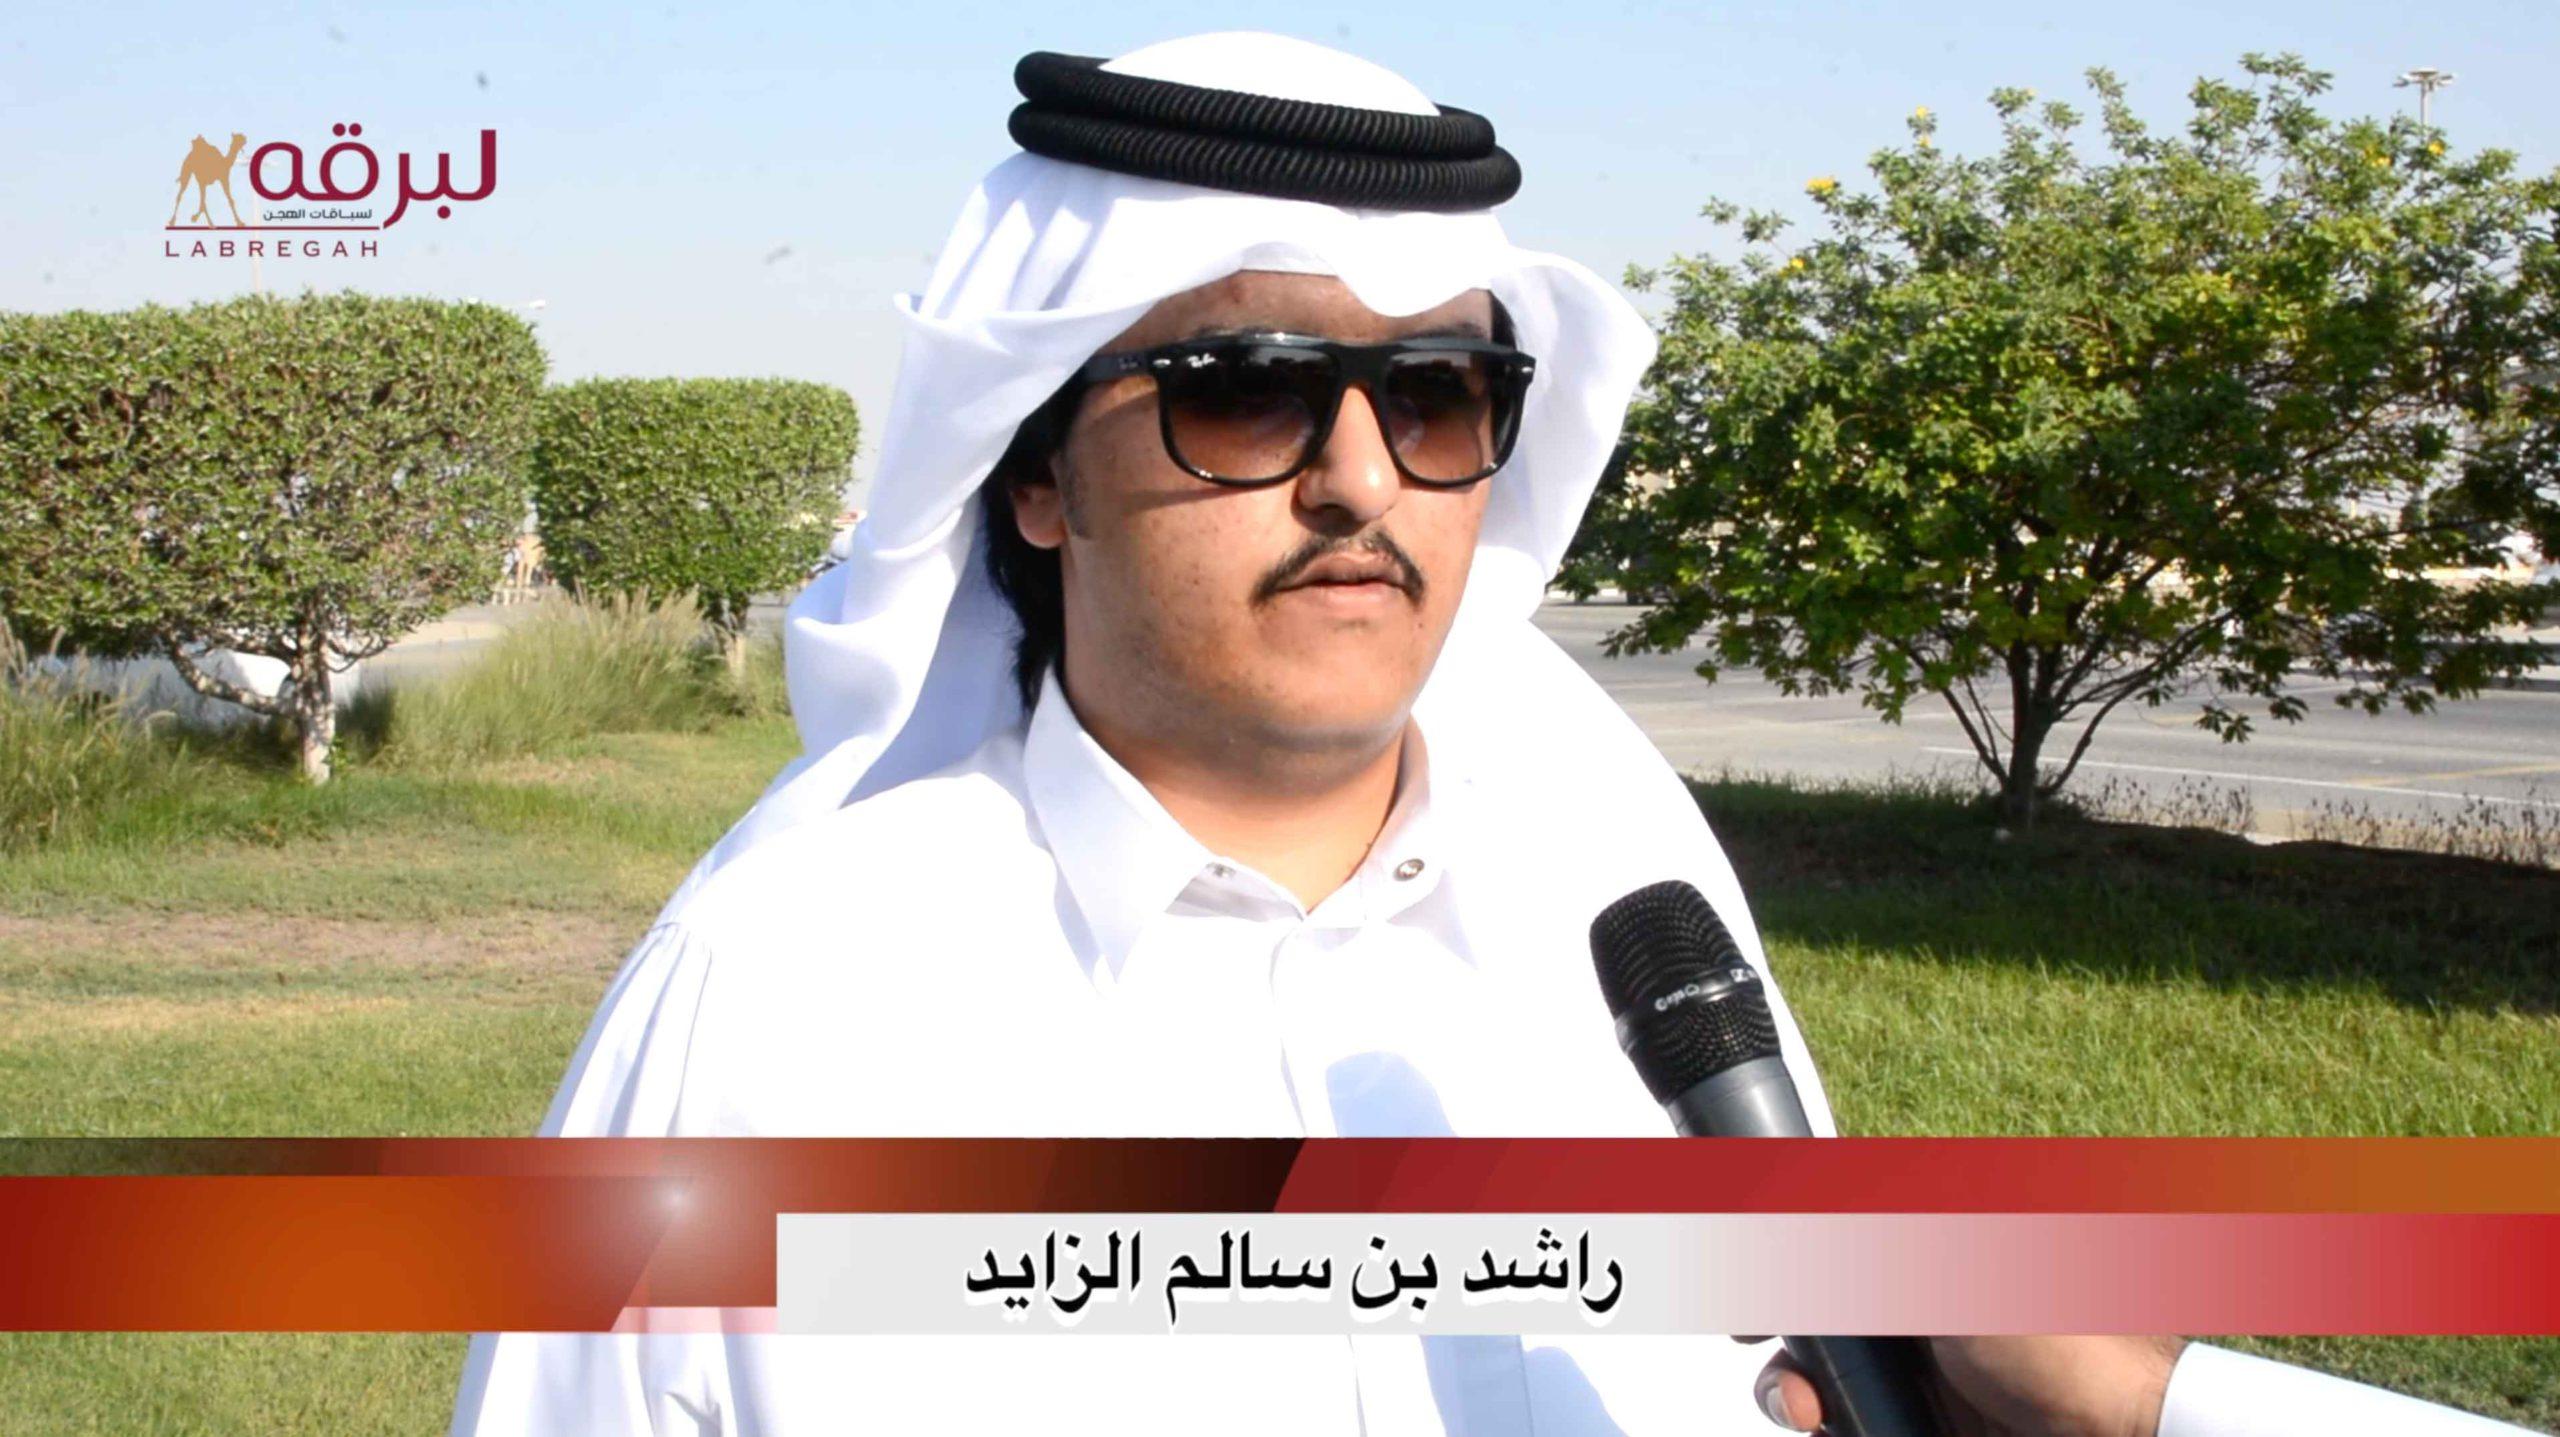 لقاء مع راشد بن سالم الزايد.. الشوط الرئيسي للحيل إنتاج الأشواط العامة  ٢٩-١٠-٢٠٢٠